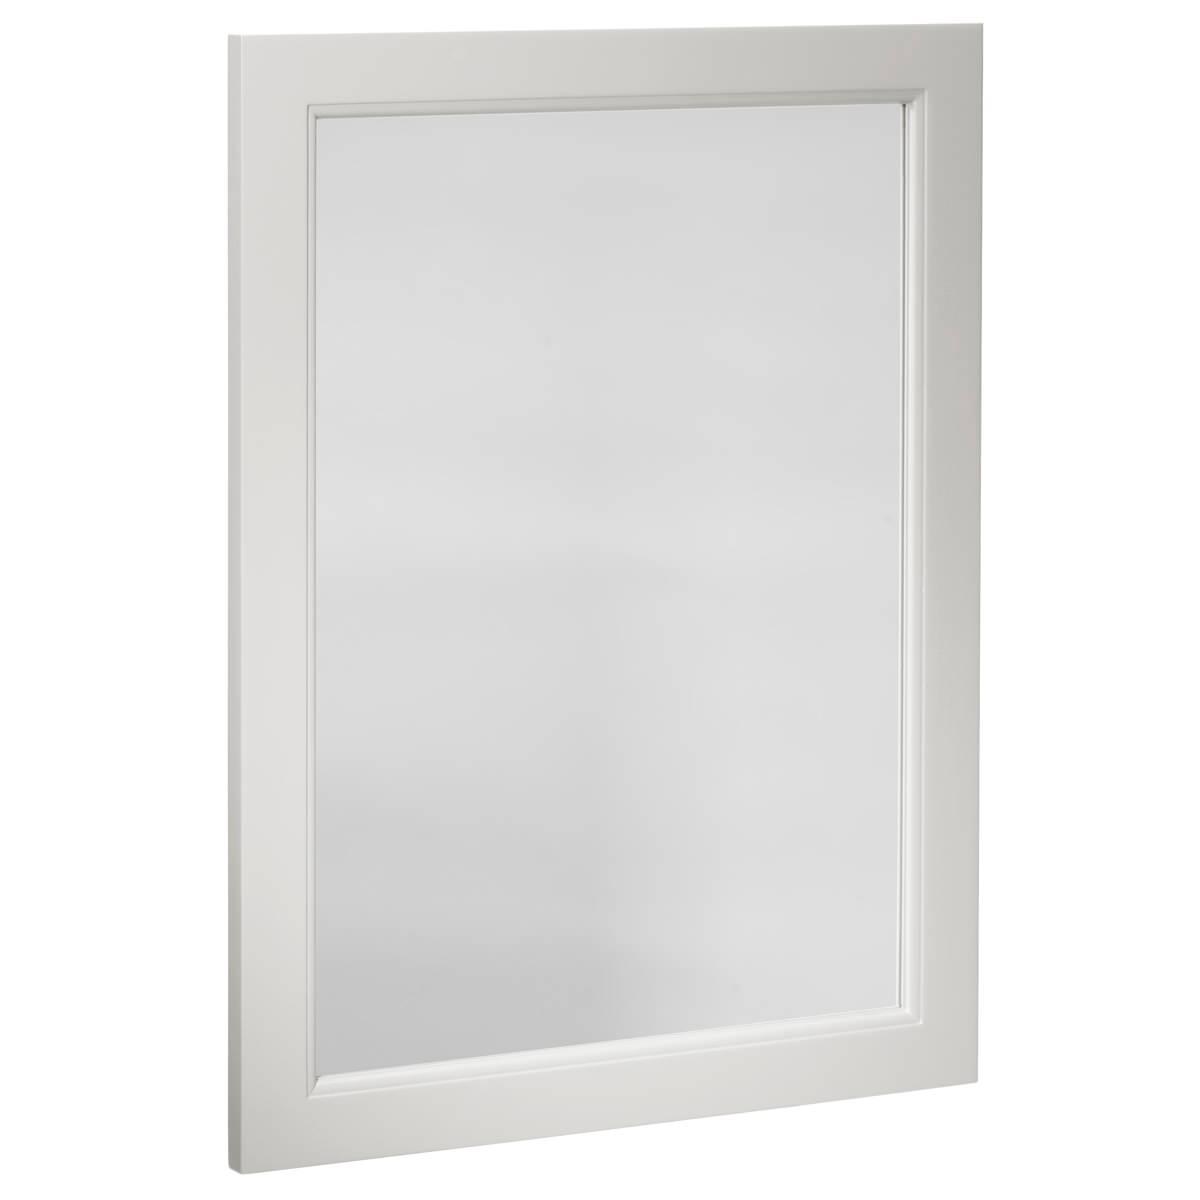 Roper Rhodes Hampton 570mm Mirror Chalk White Ham600m W